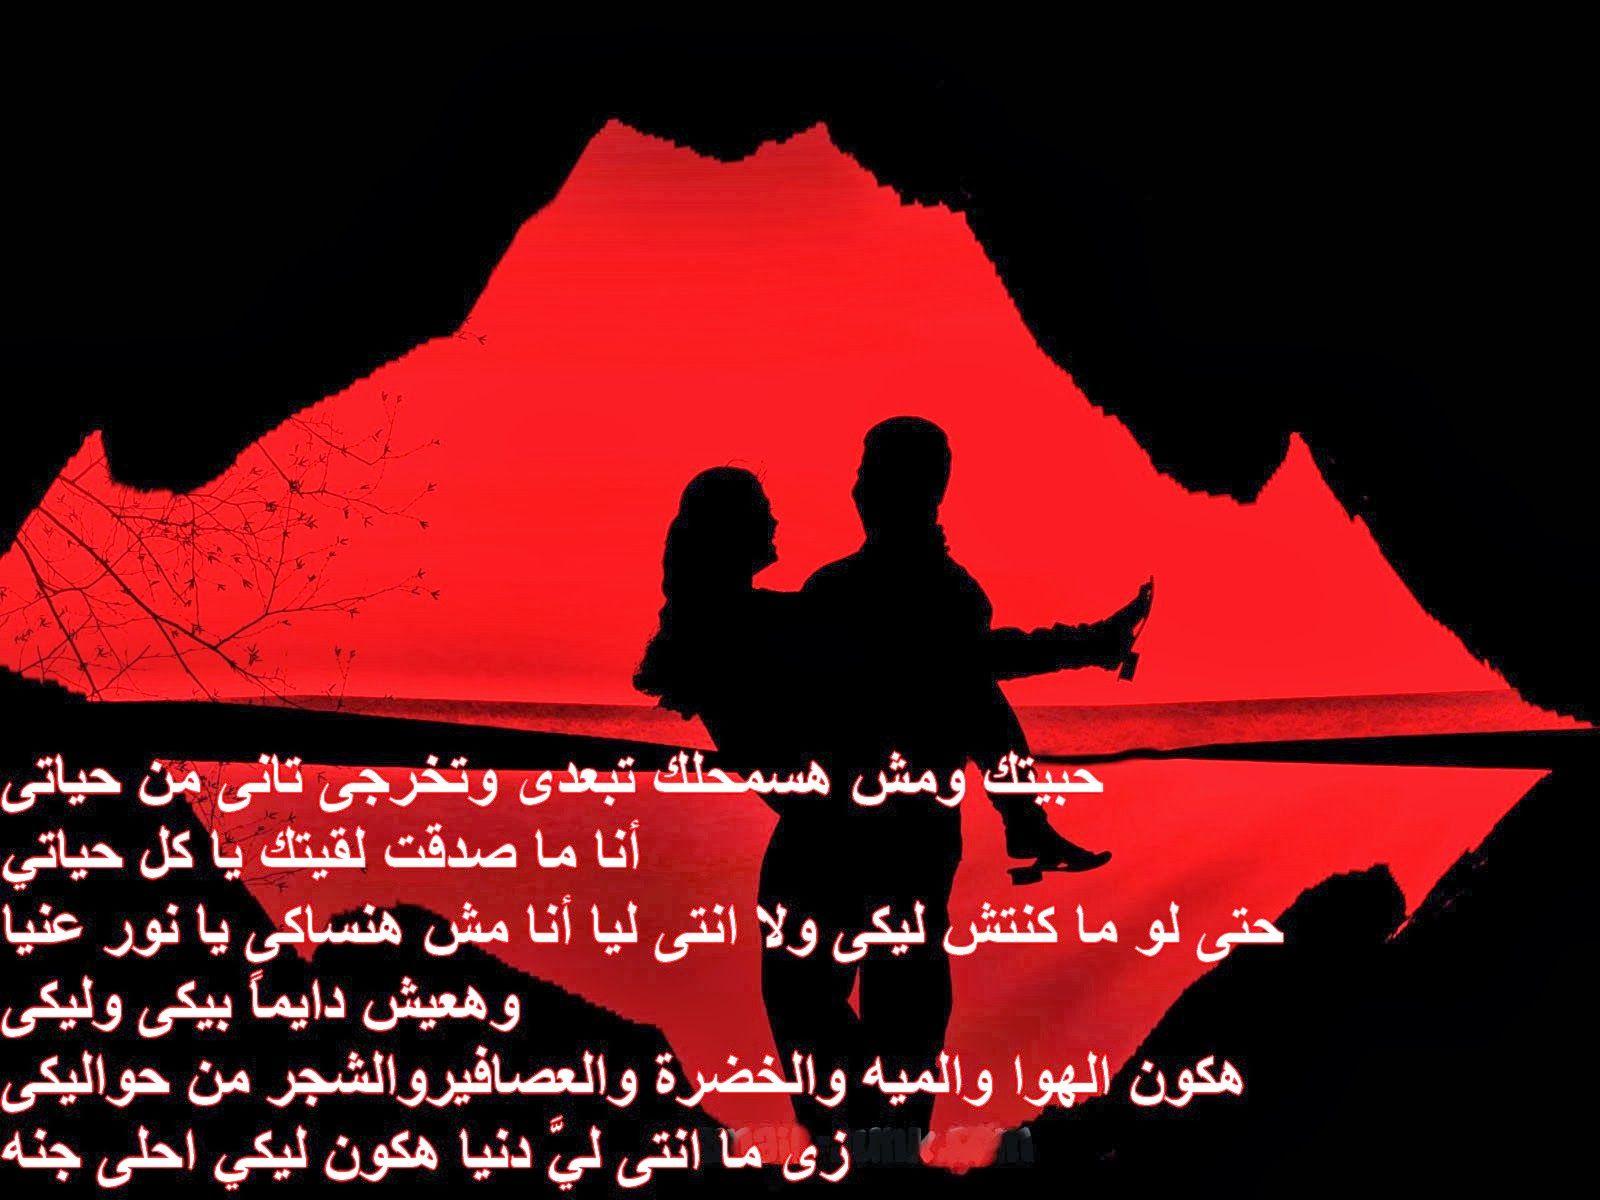 بالصور صور مكتوب عليها كلام رومانسي , اجمل صور مكتوب عليها كلام حب 3322 8